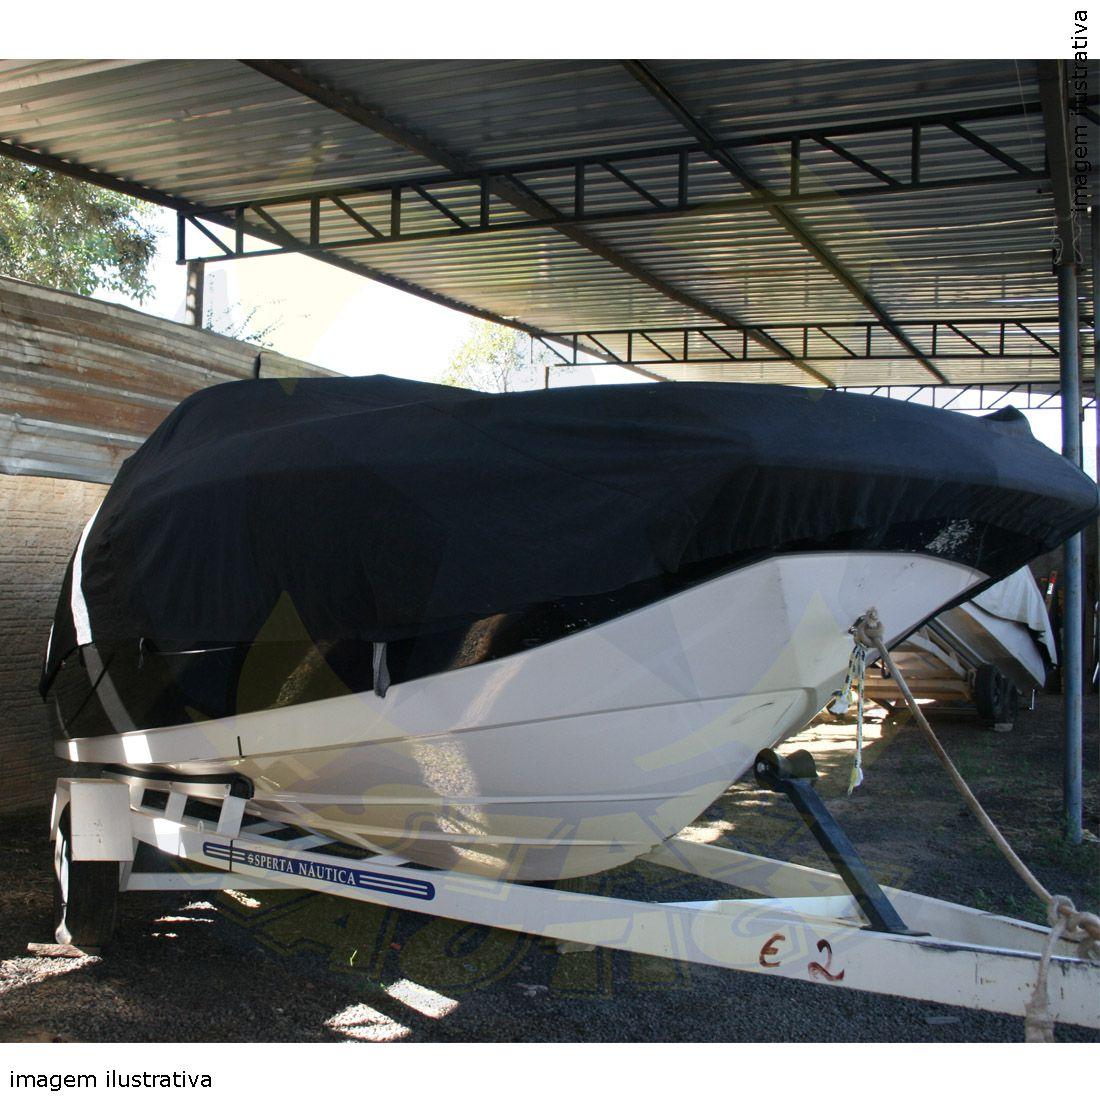 Capa Lona de Cobertura Lancha Focker 222 Lona Emborrachada